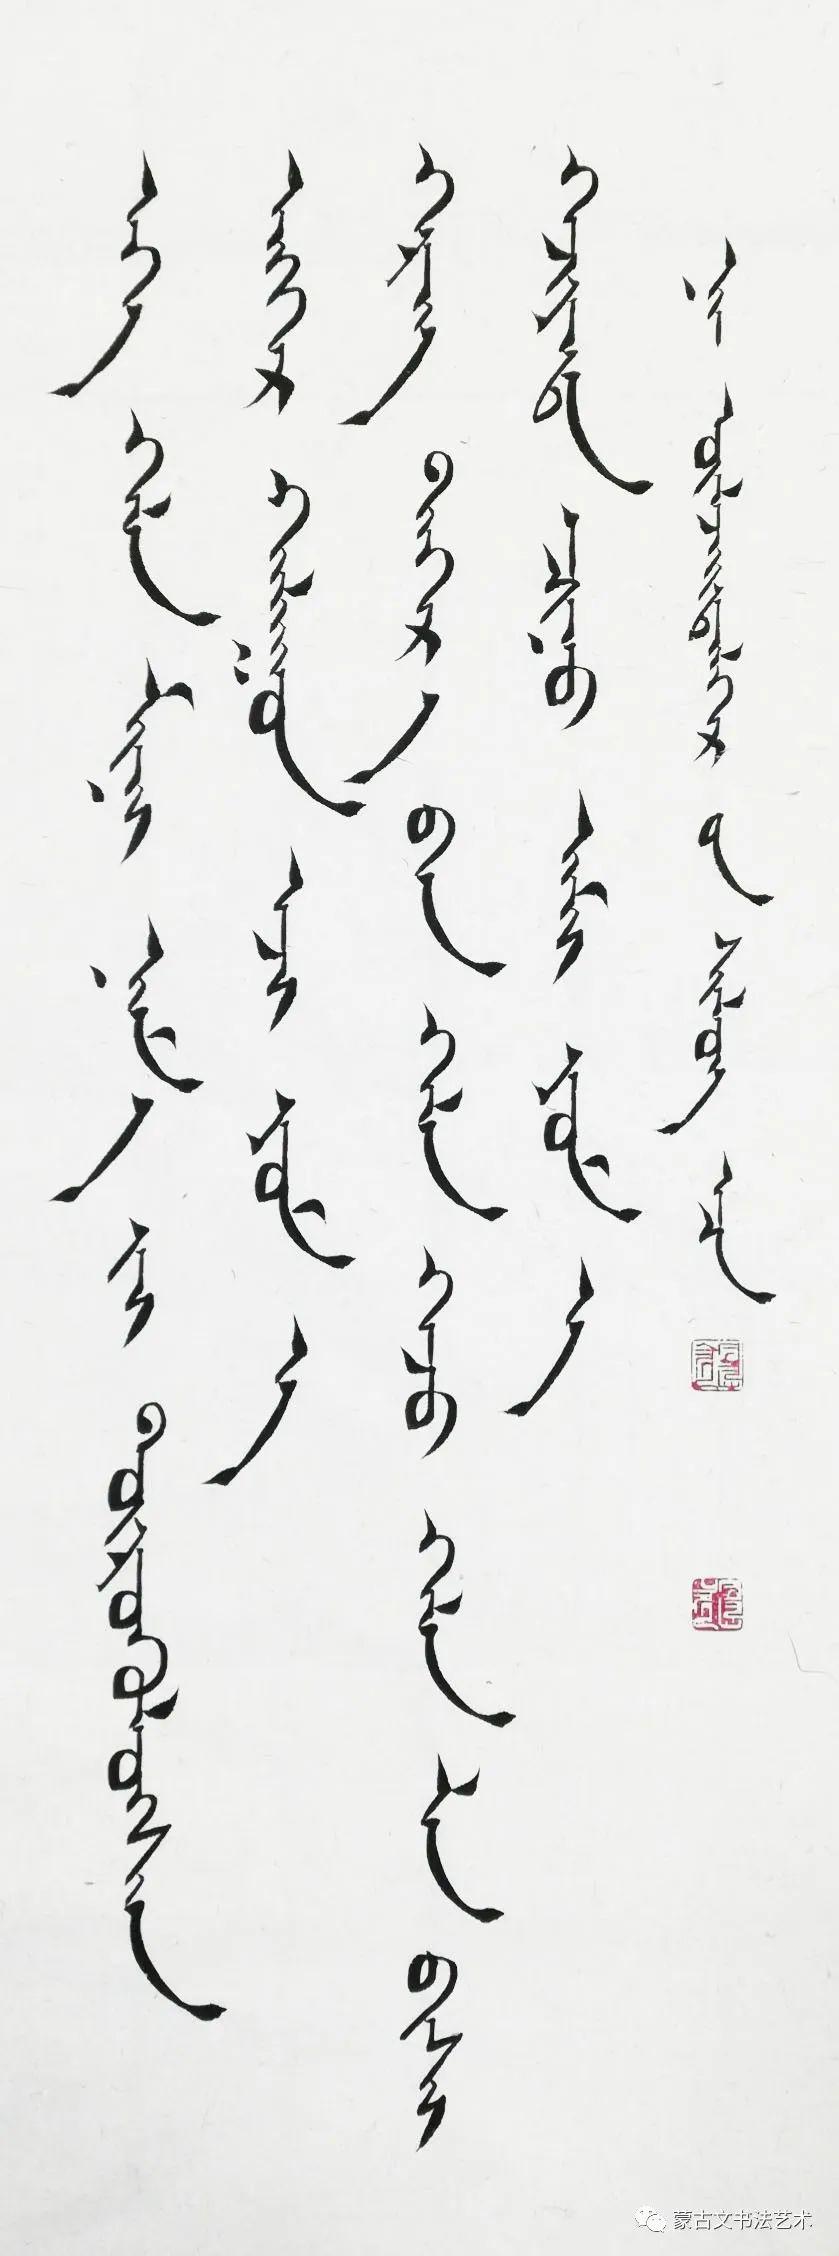 赛音吉雅蒙古文书法楷书作品 第6张 赛音吉雅蒙古文书法楷书作品 蒙古书法